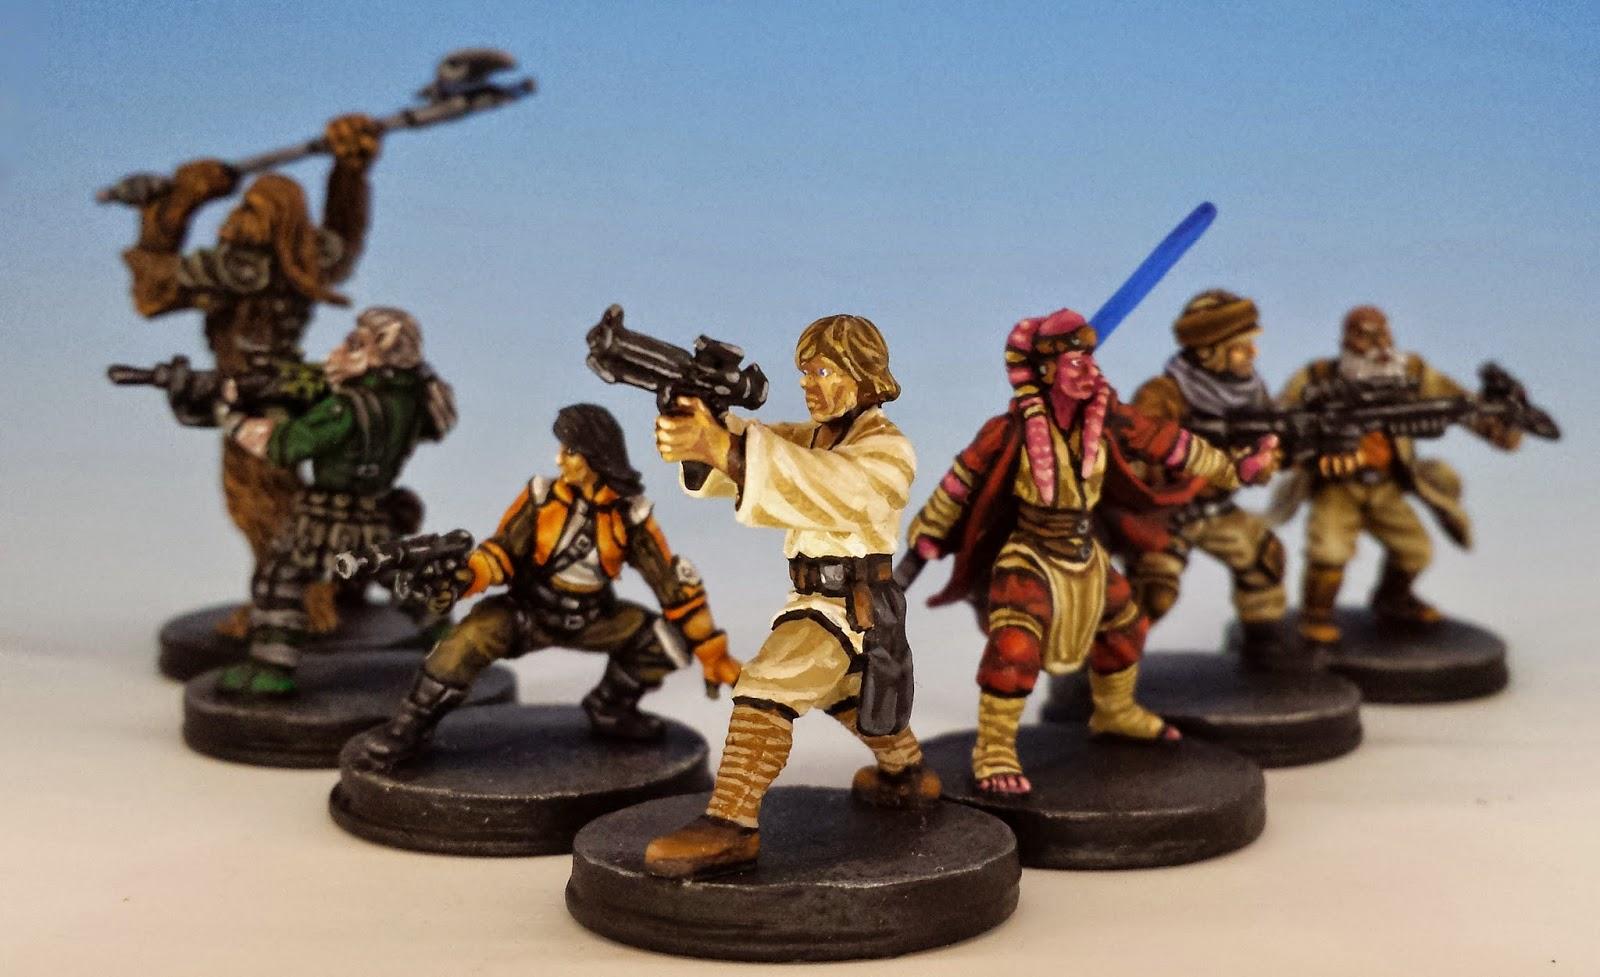 Oldenhammer_Imperial_Assault_board_game_mini_painting_010.jpg